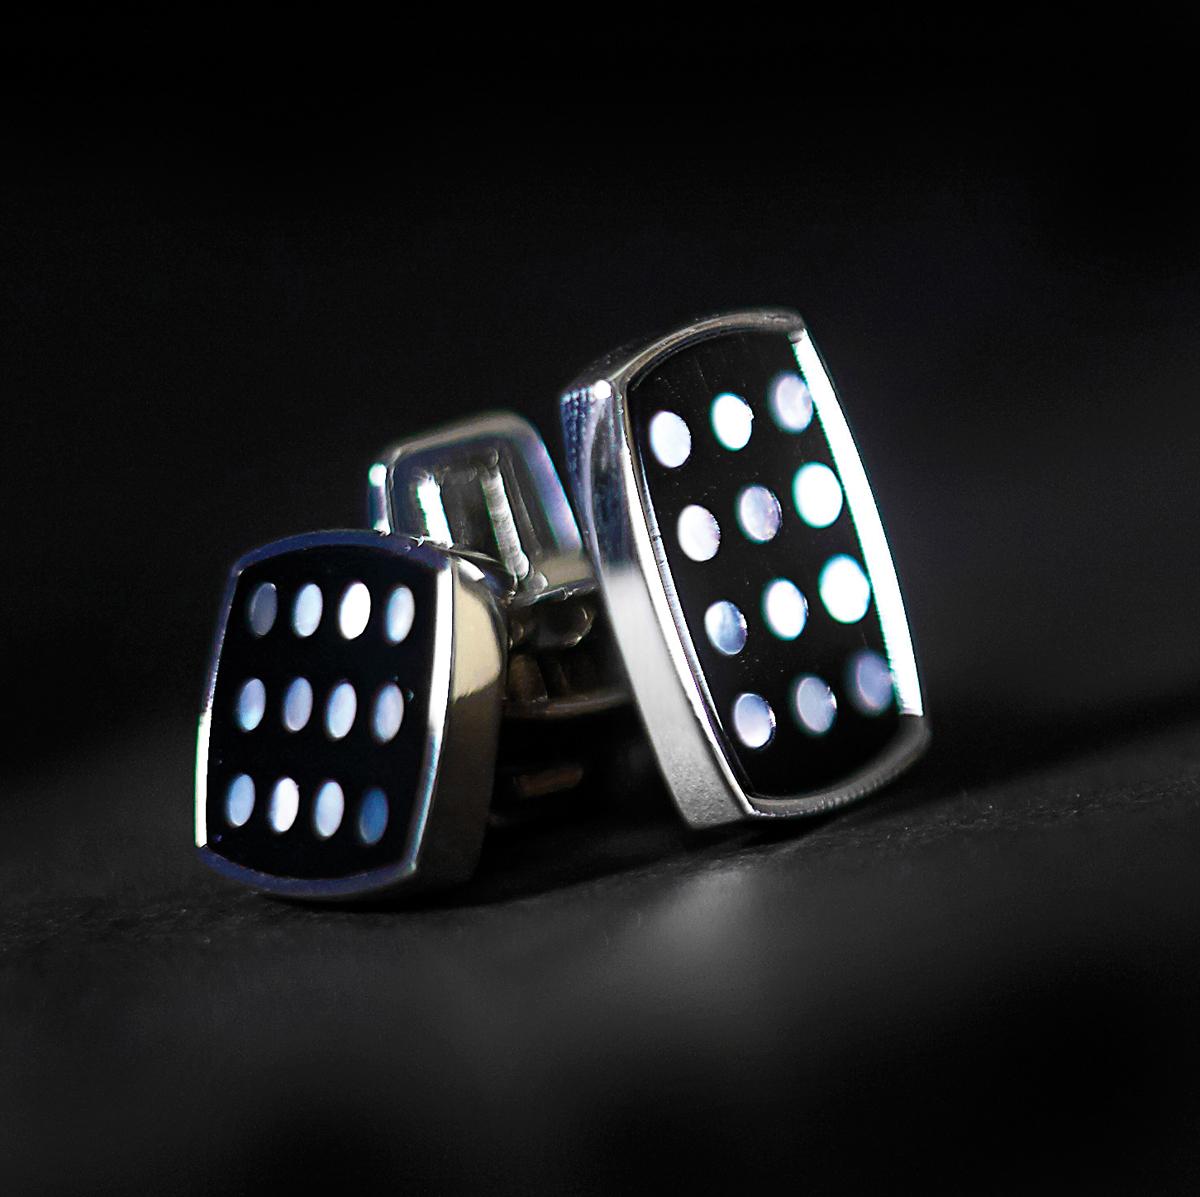 m13-accessoires-lui-boutons-de-manchette-duchamp-london